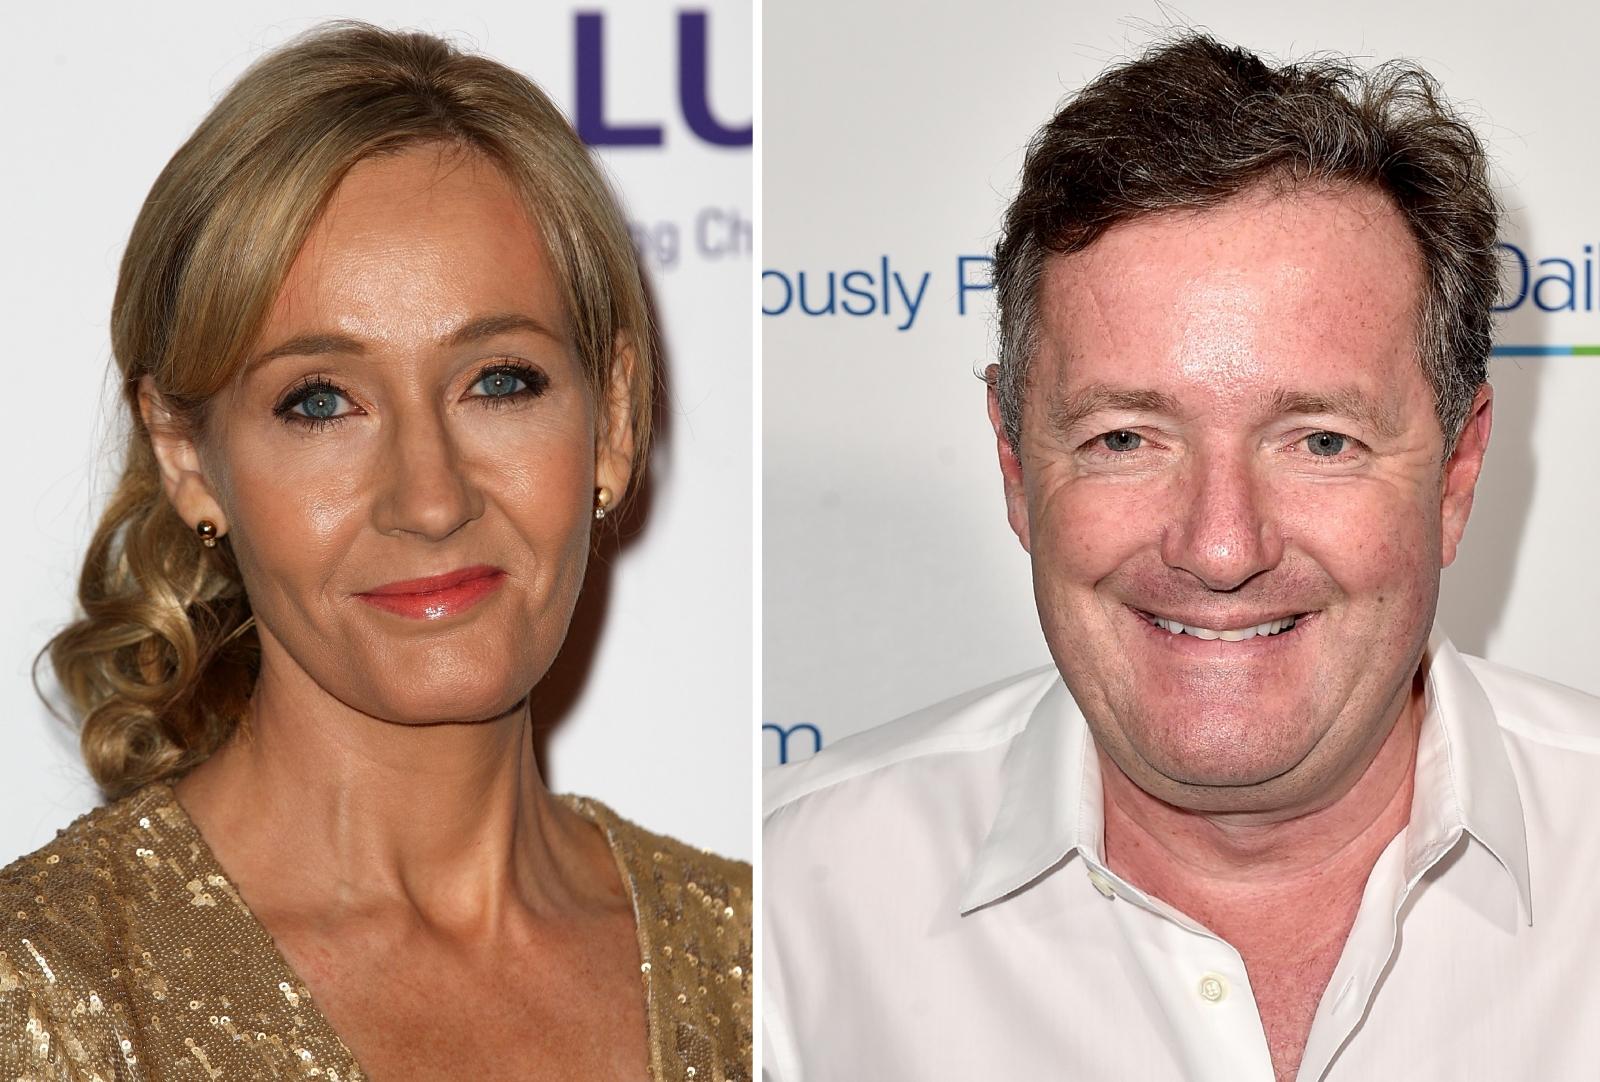 JK Rowling Piers Morgan Twitter feud